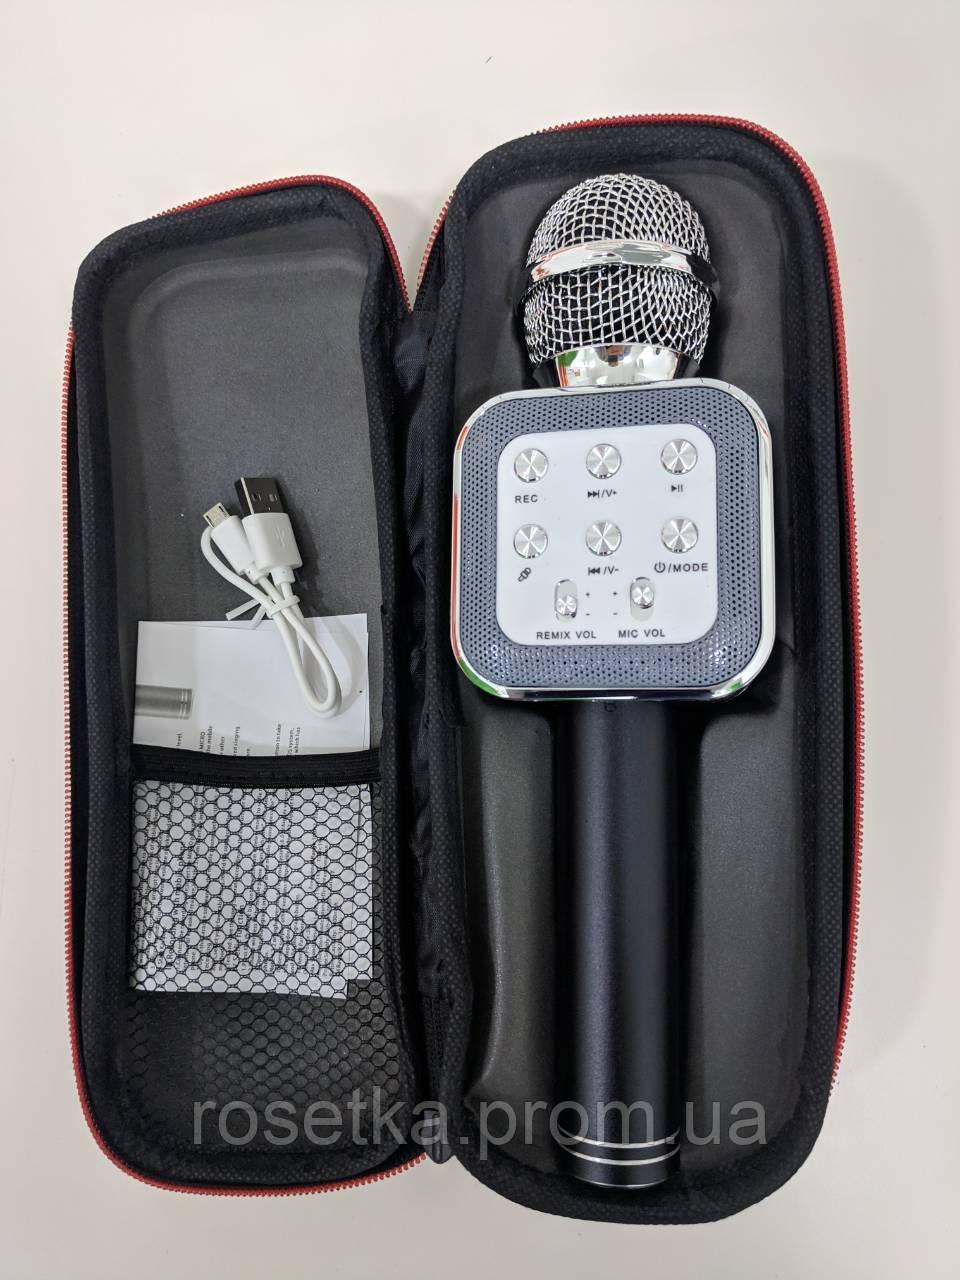 Бездротовий караоке-мікрофон з динаміком Wster WS-1818 (USB, microSD, AUX, FM, Bluetooth)